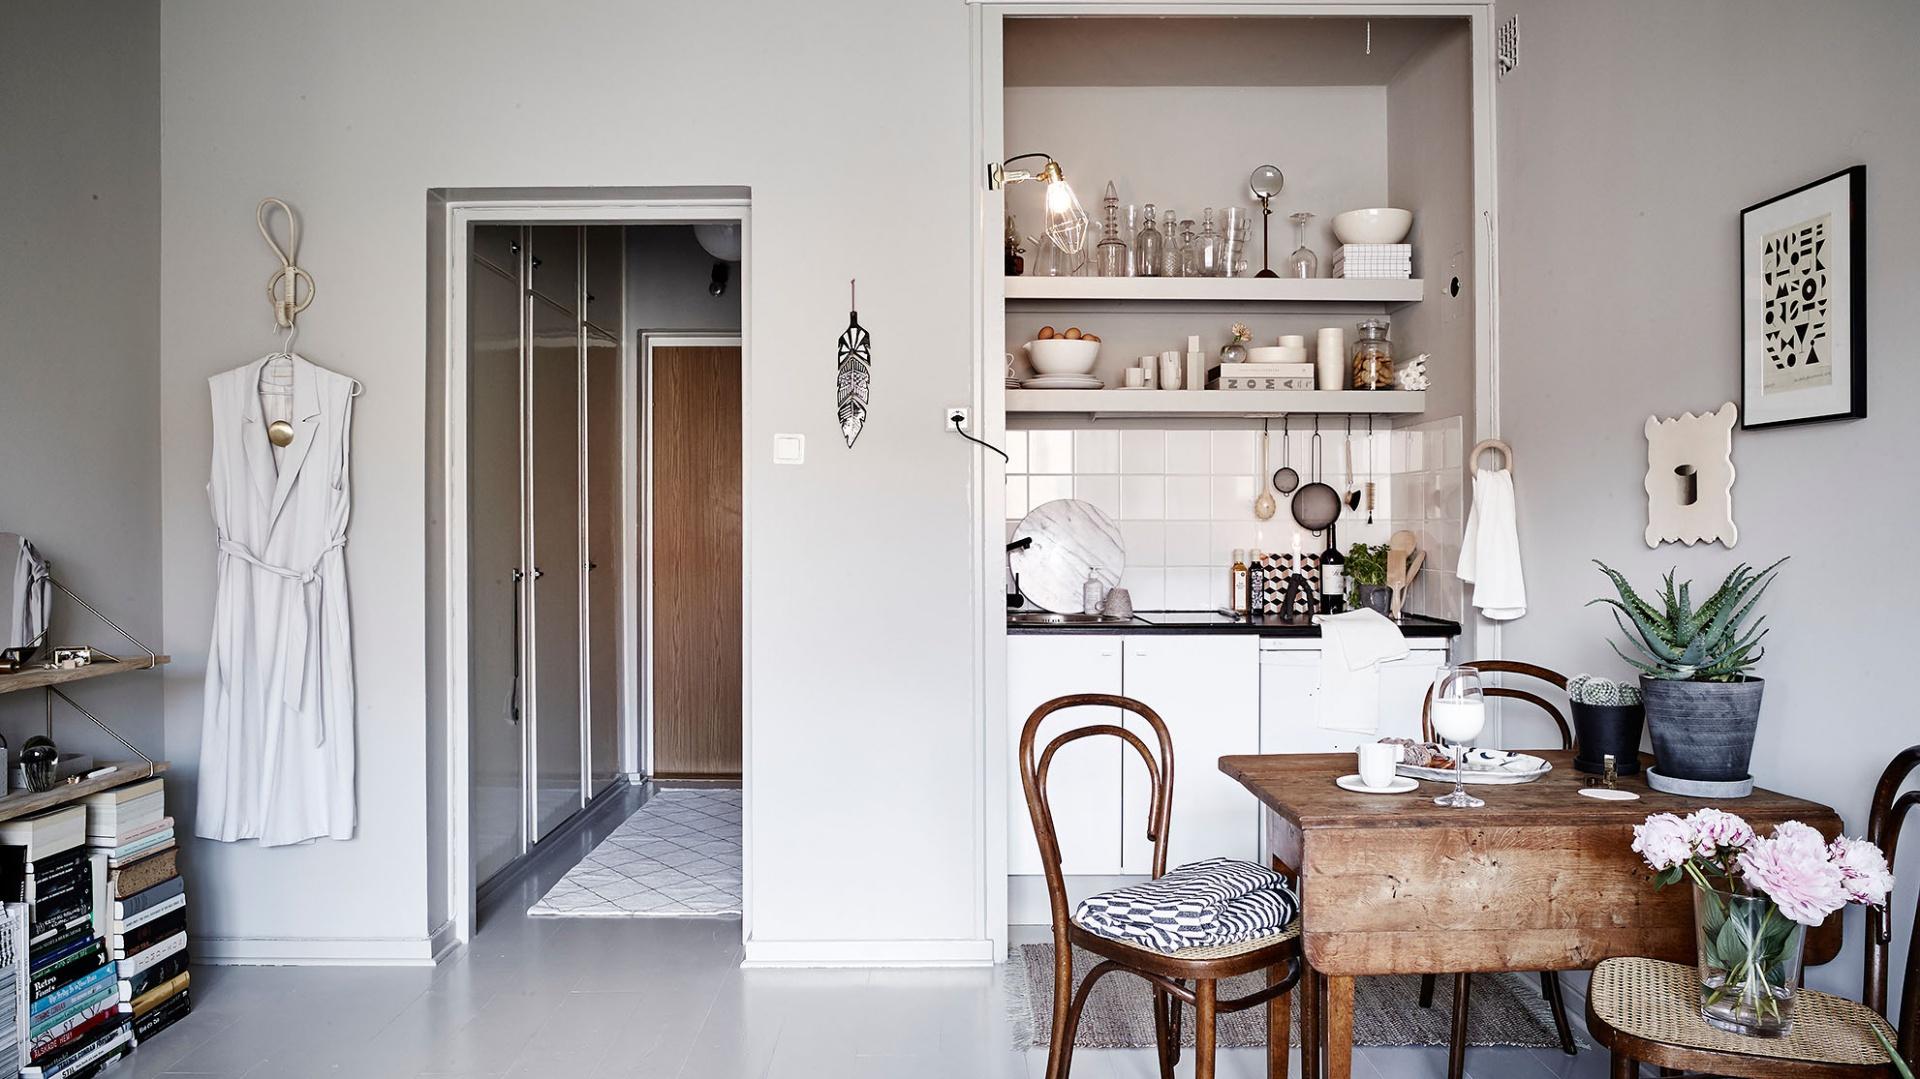 Niewielki aneks kuchenny symbolicznie od reszty pomieszczenia oddziela mały stół jadalniany dla trzech osób. Ciemny, przytulny kolor drewna ociepla wizualnie chłodne szarości dominujące we wnętrzu. Fot. Stadshem.